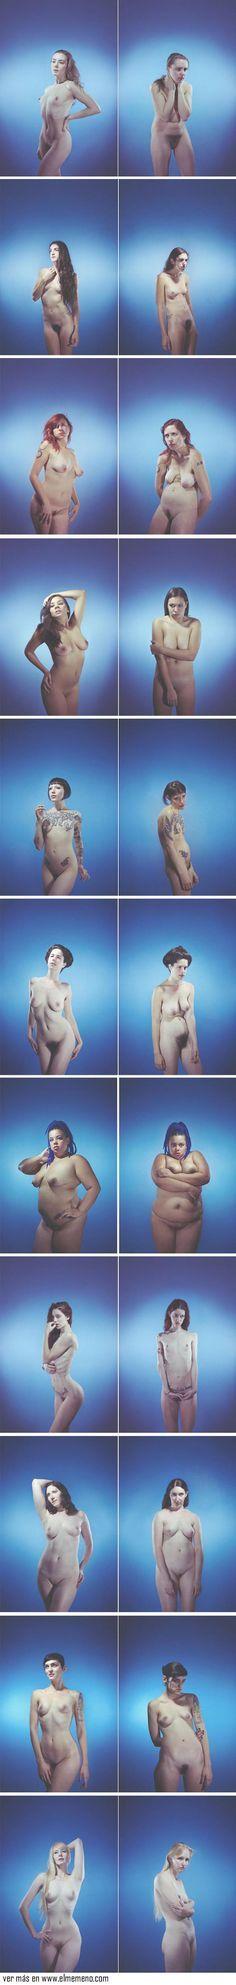 La fotógrafa norteamericana Gracie Hagen fotografió a diferentes personas con diversos arquetipos para demostrar cómo la postura define la expresión corporal.